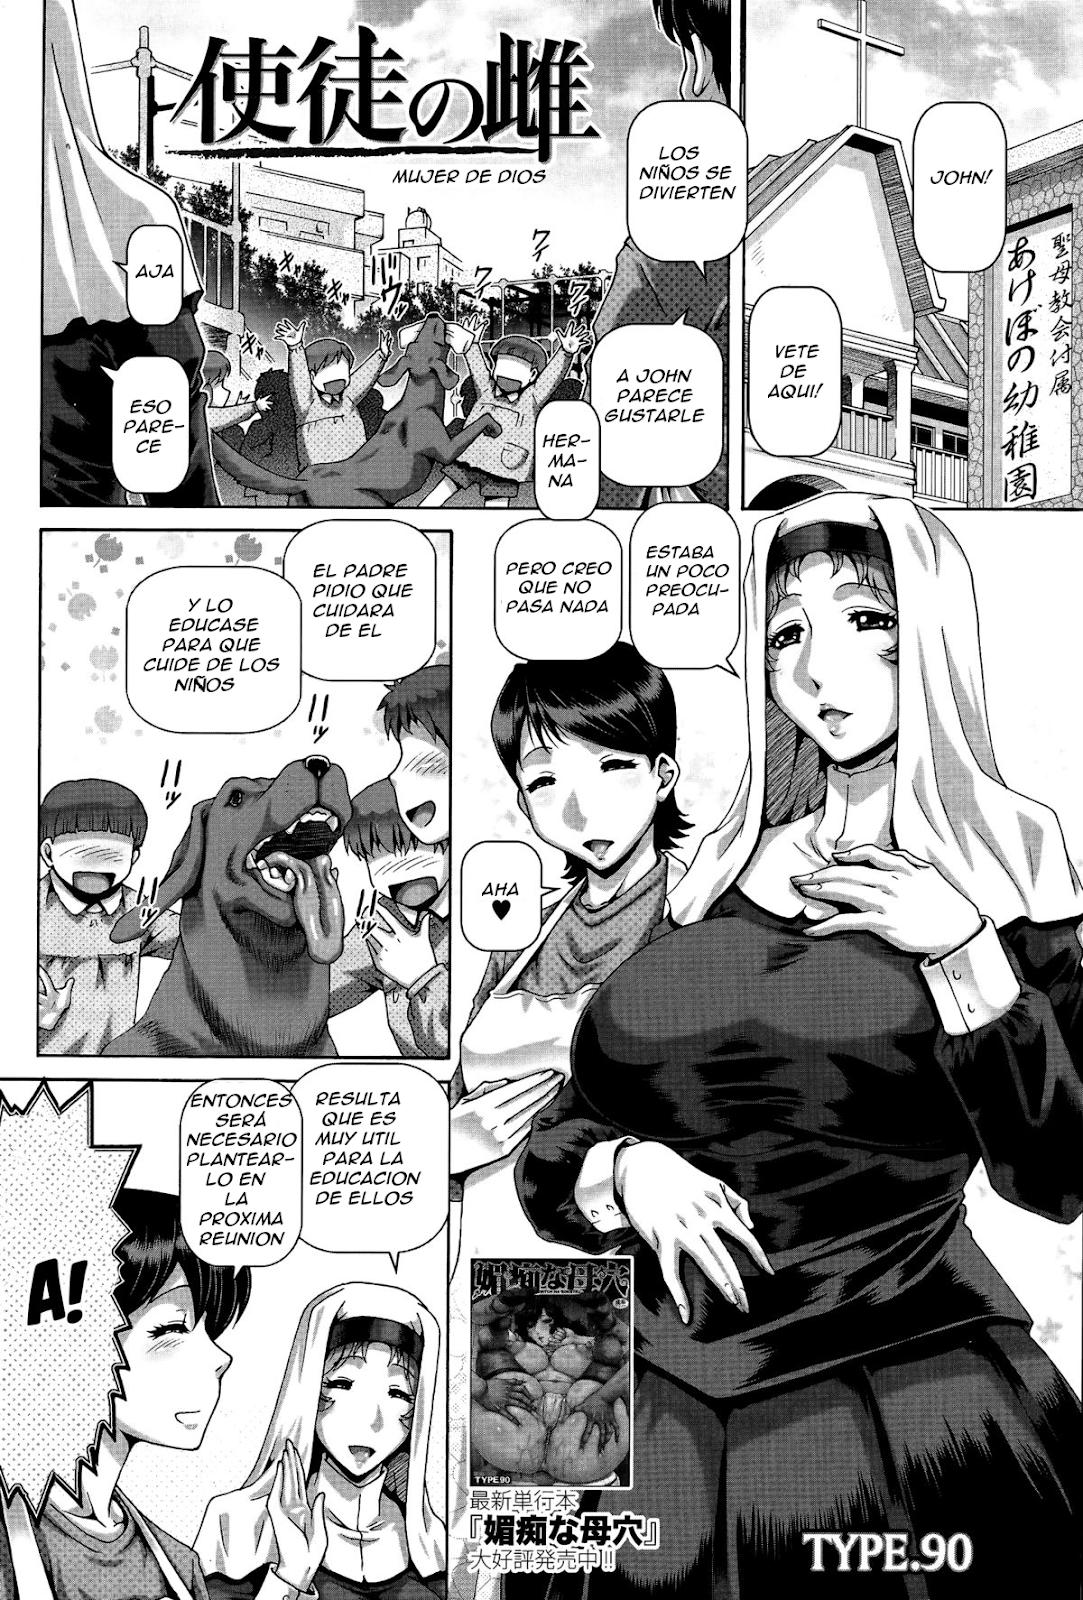 manga Shito No Mesu sub español